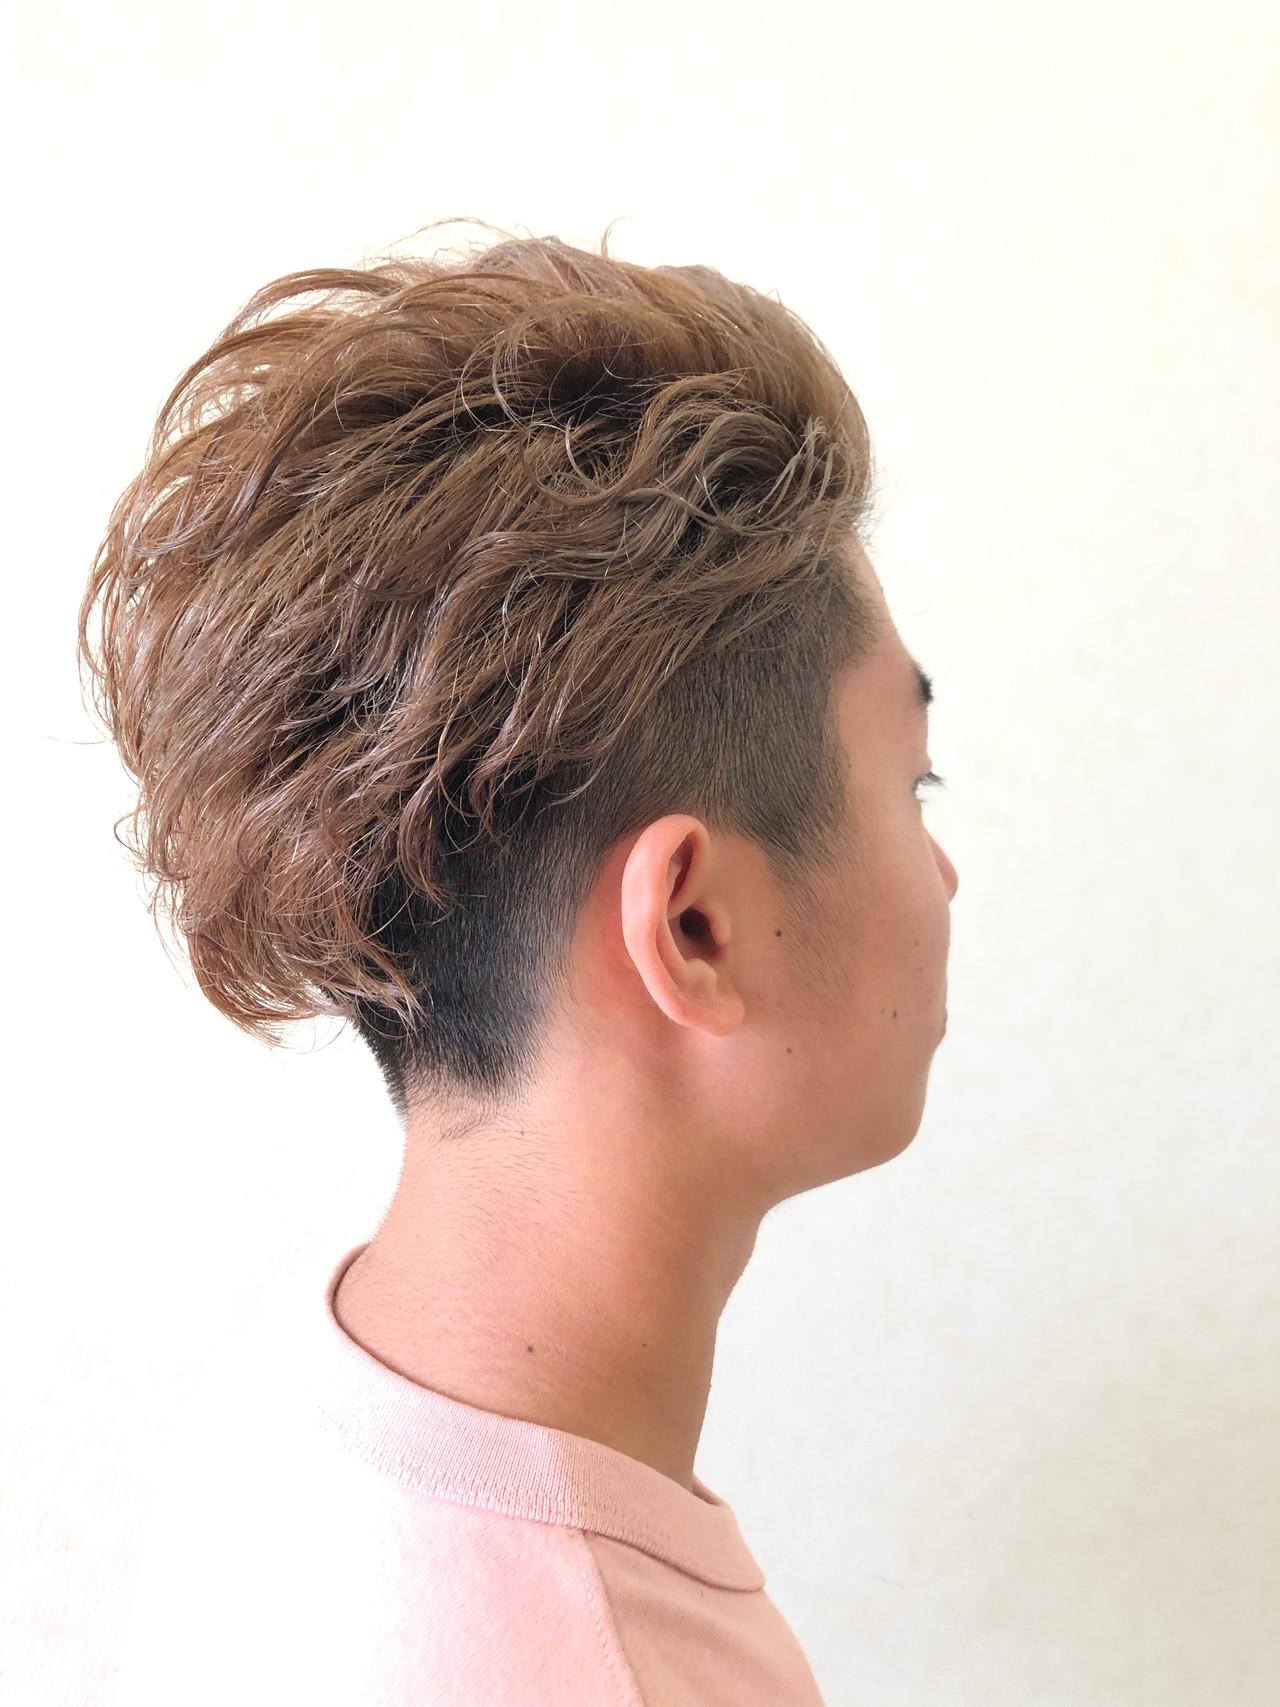 メンズ メンズショート メンズヘア ショート ヘアスタイルや髪型の写真・画像 | ヨシダトモカズ / Wiz